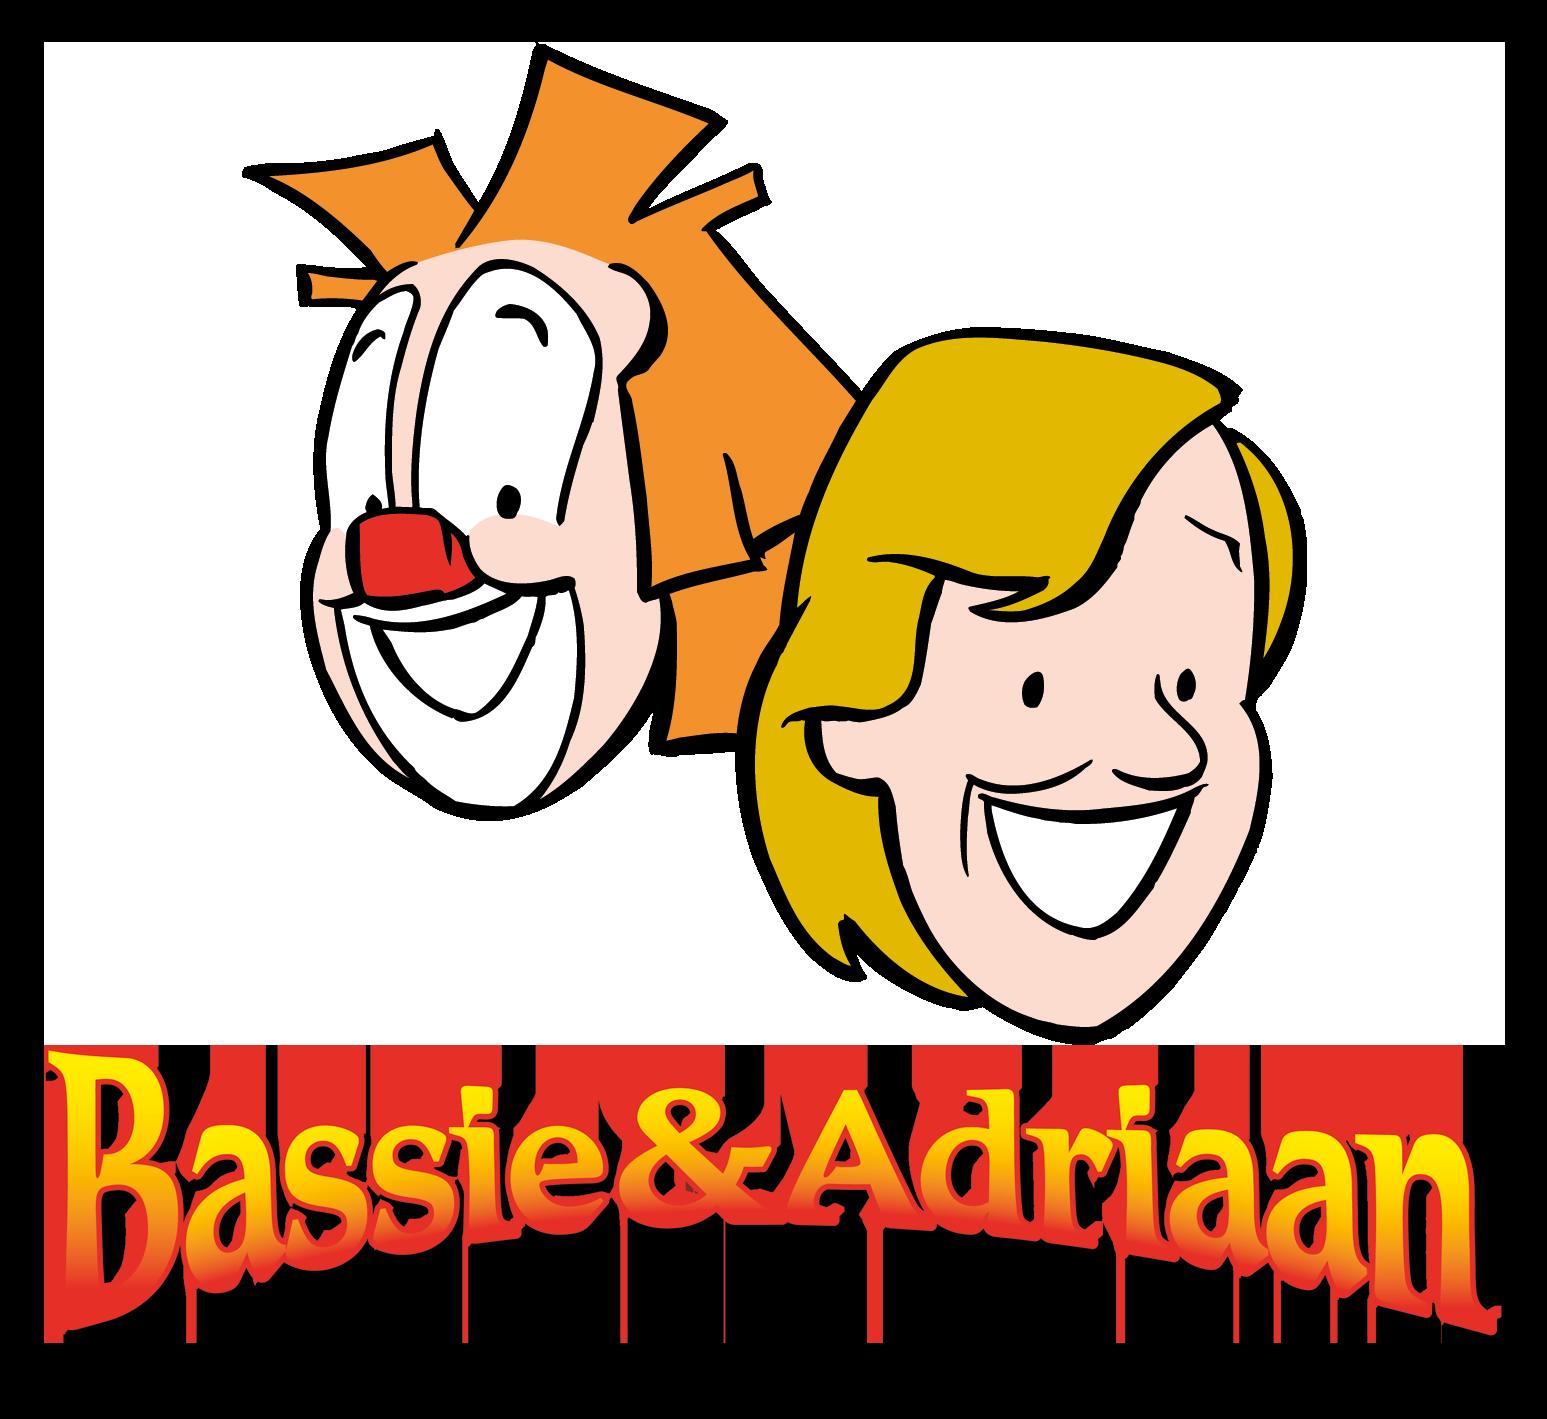 BA combi logo